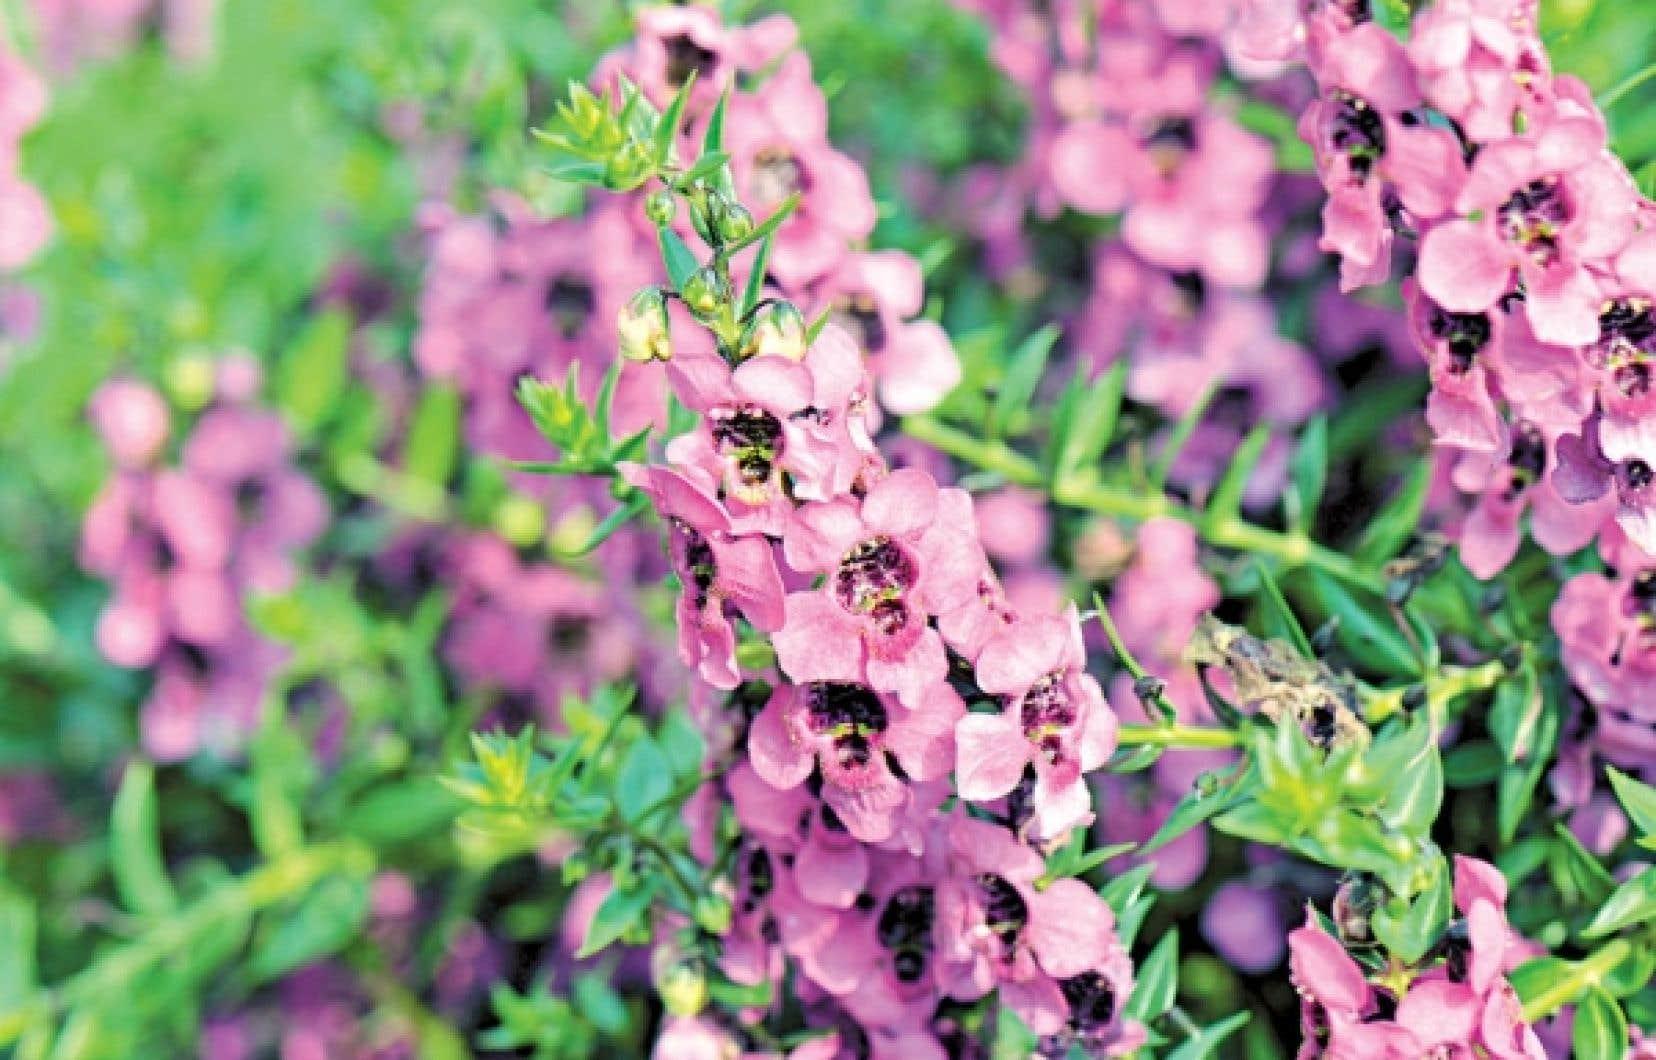 Les fleurs de l&rsquo;Angelonia angustifolia &laquo;Carita Raspberry&raquo; ressemblent aux orchid&eacute;es. Cette plante fleurit tout l&rsquo;&eacute;t&eacute;, tol&egrave;re bien la s&eacute;cheresse et aime le soleil. <br />